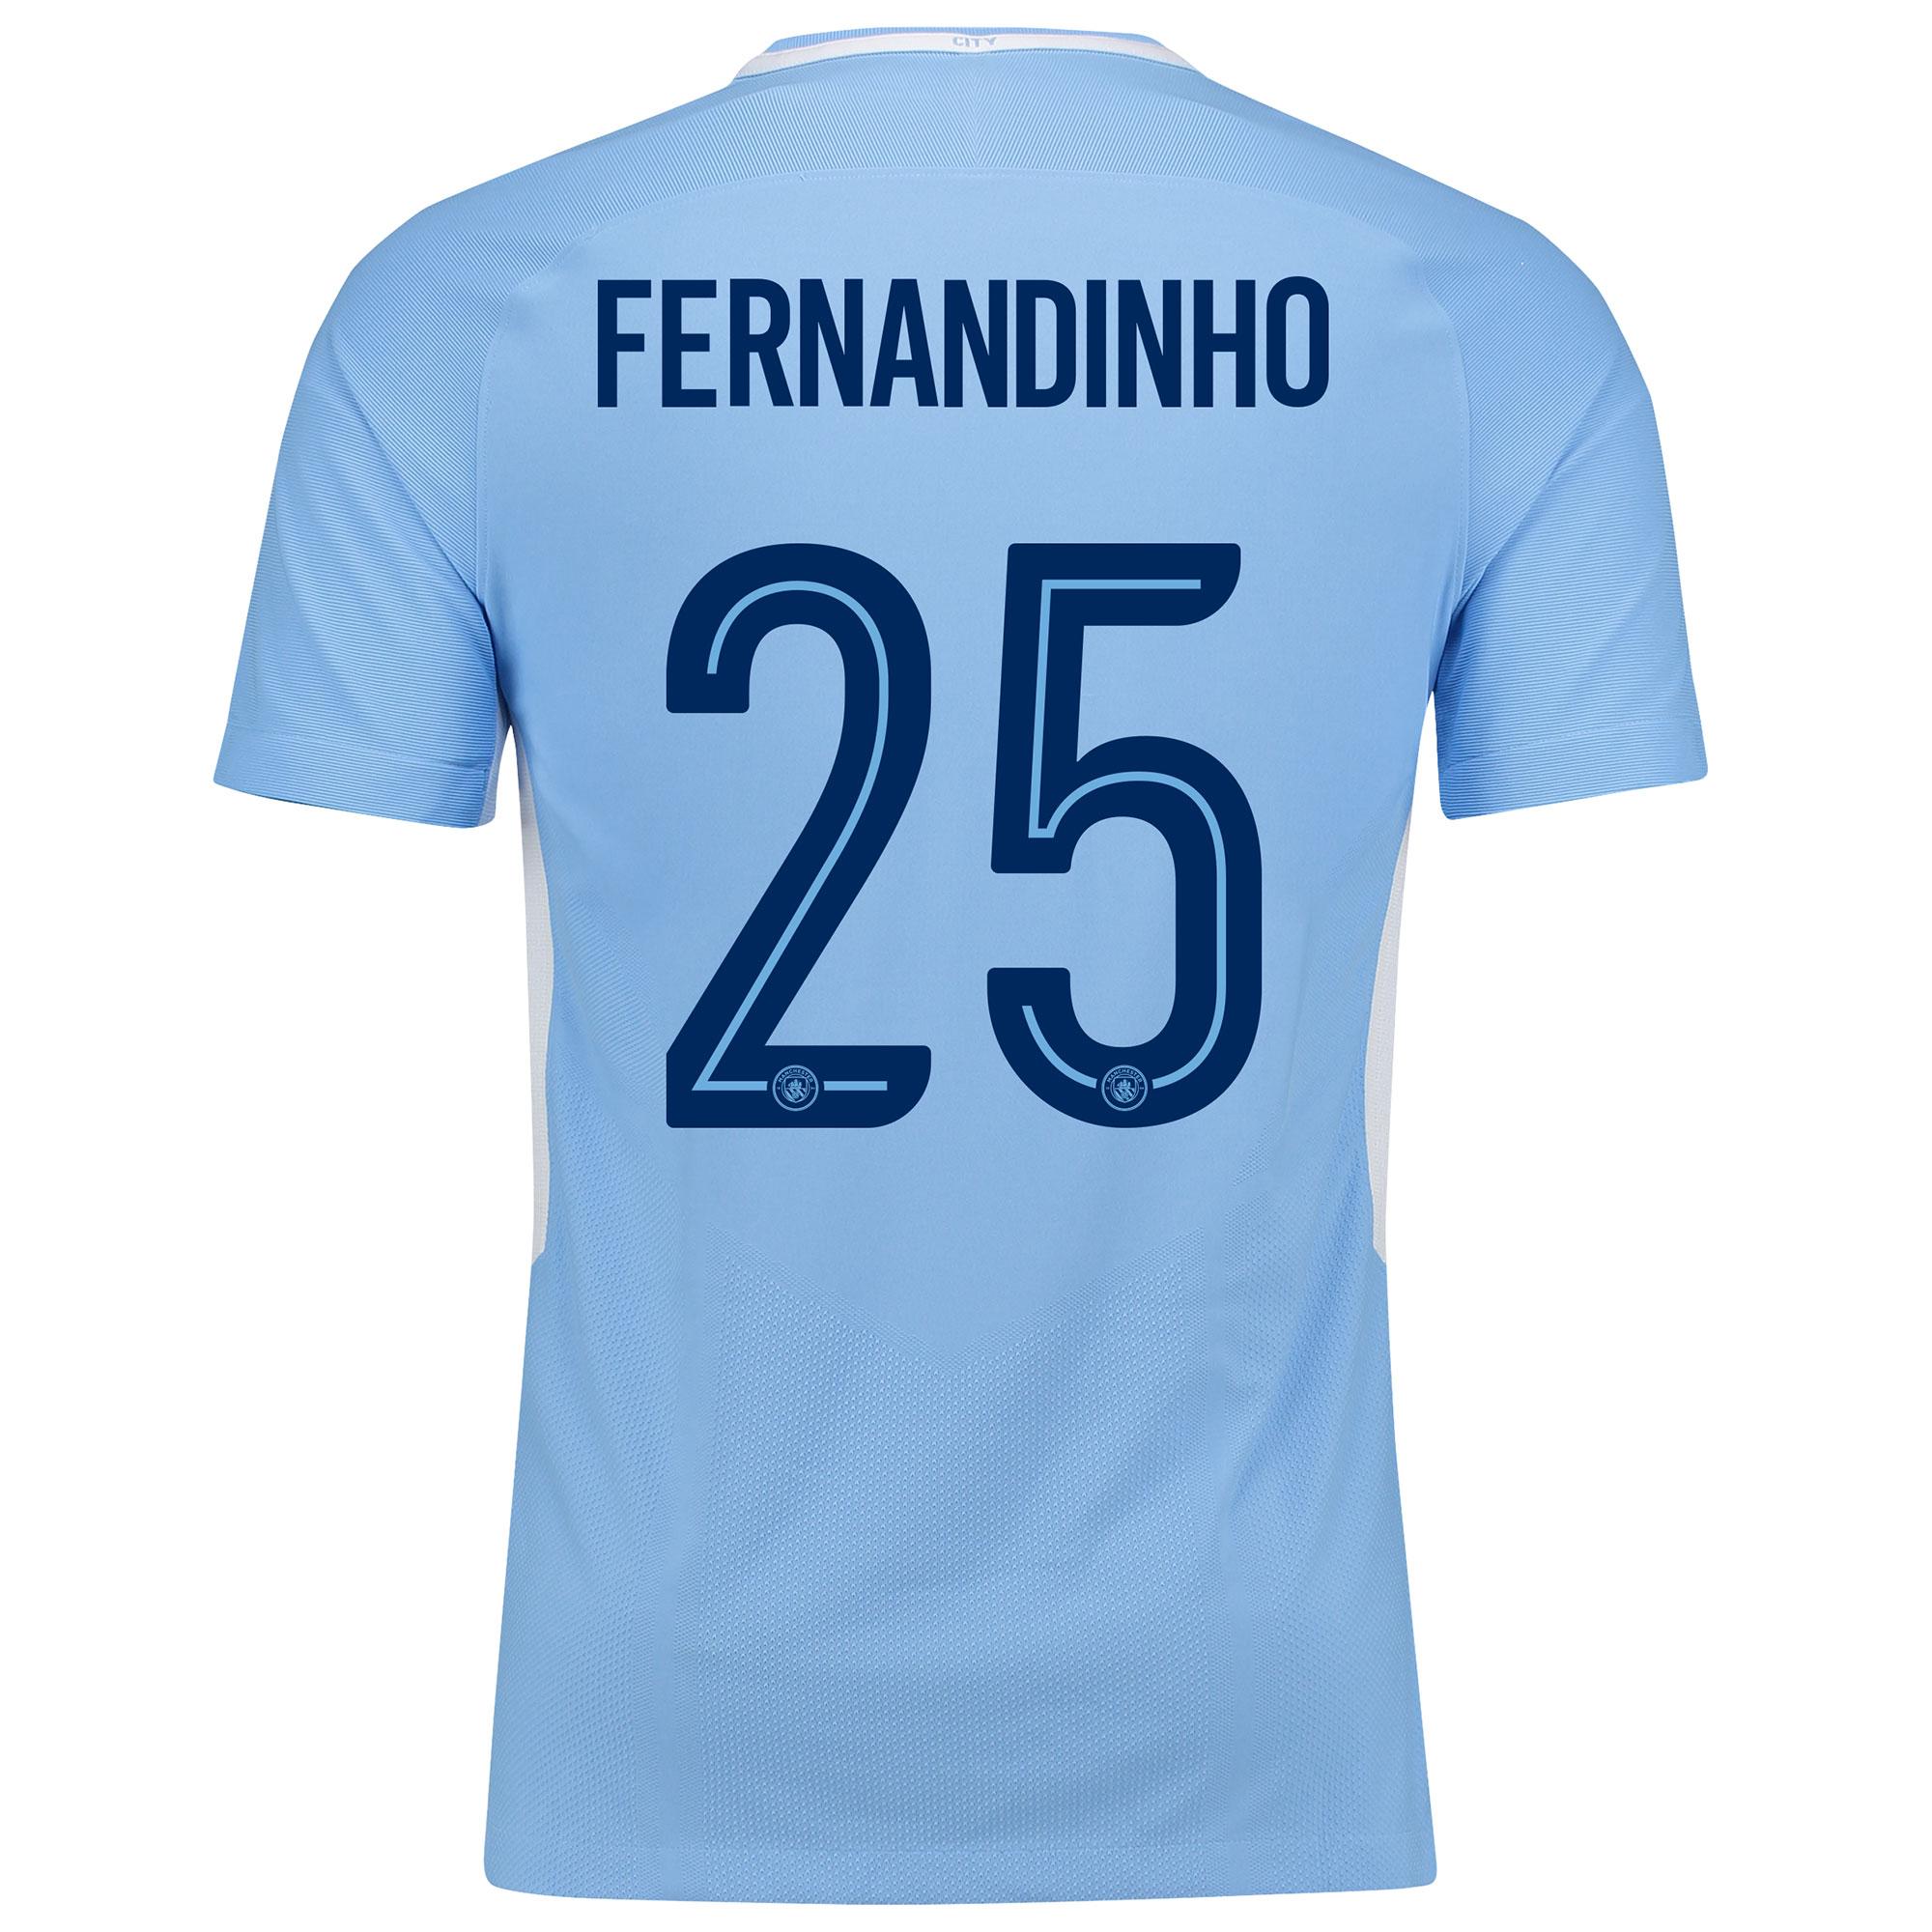 Manchester City Home Vapor Match Cup Shirt 2017-18 with Fernandinho 25